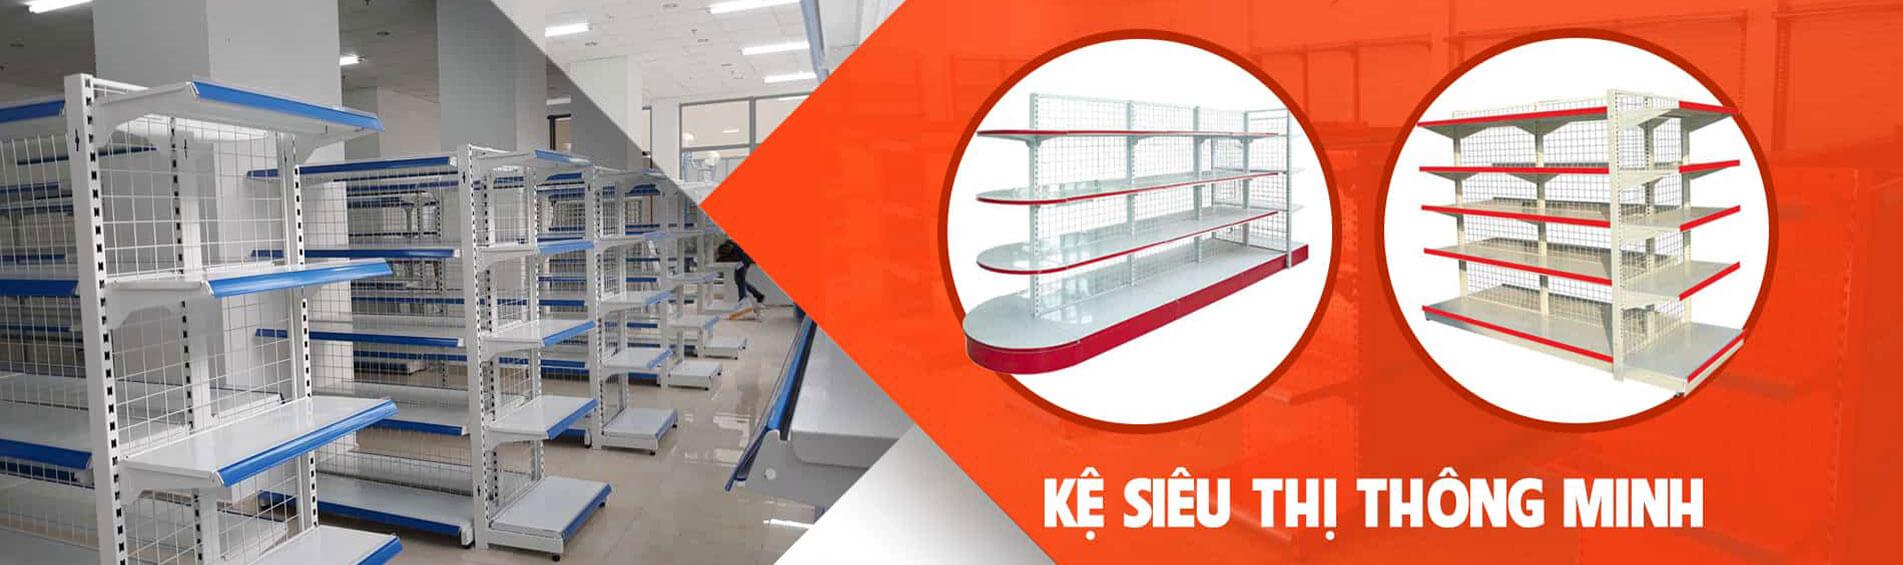 Giá kệ siêu thị - NhatMinh.Net